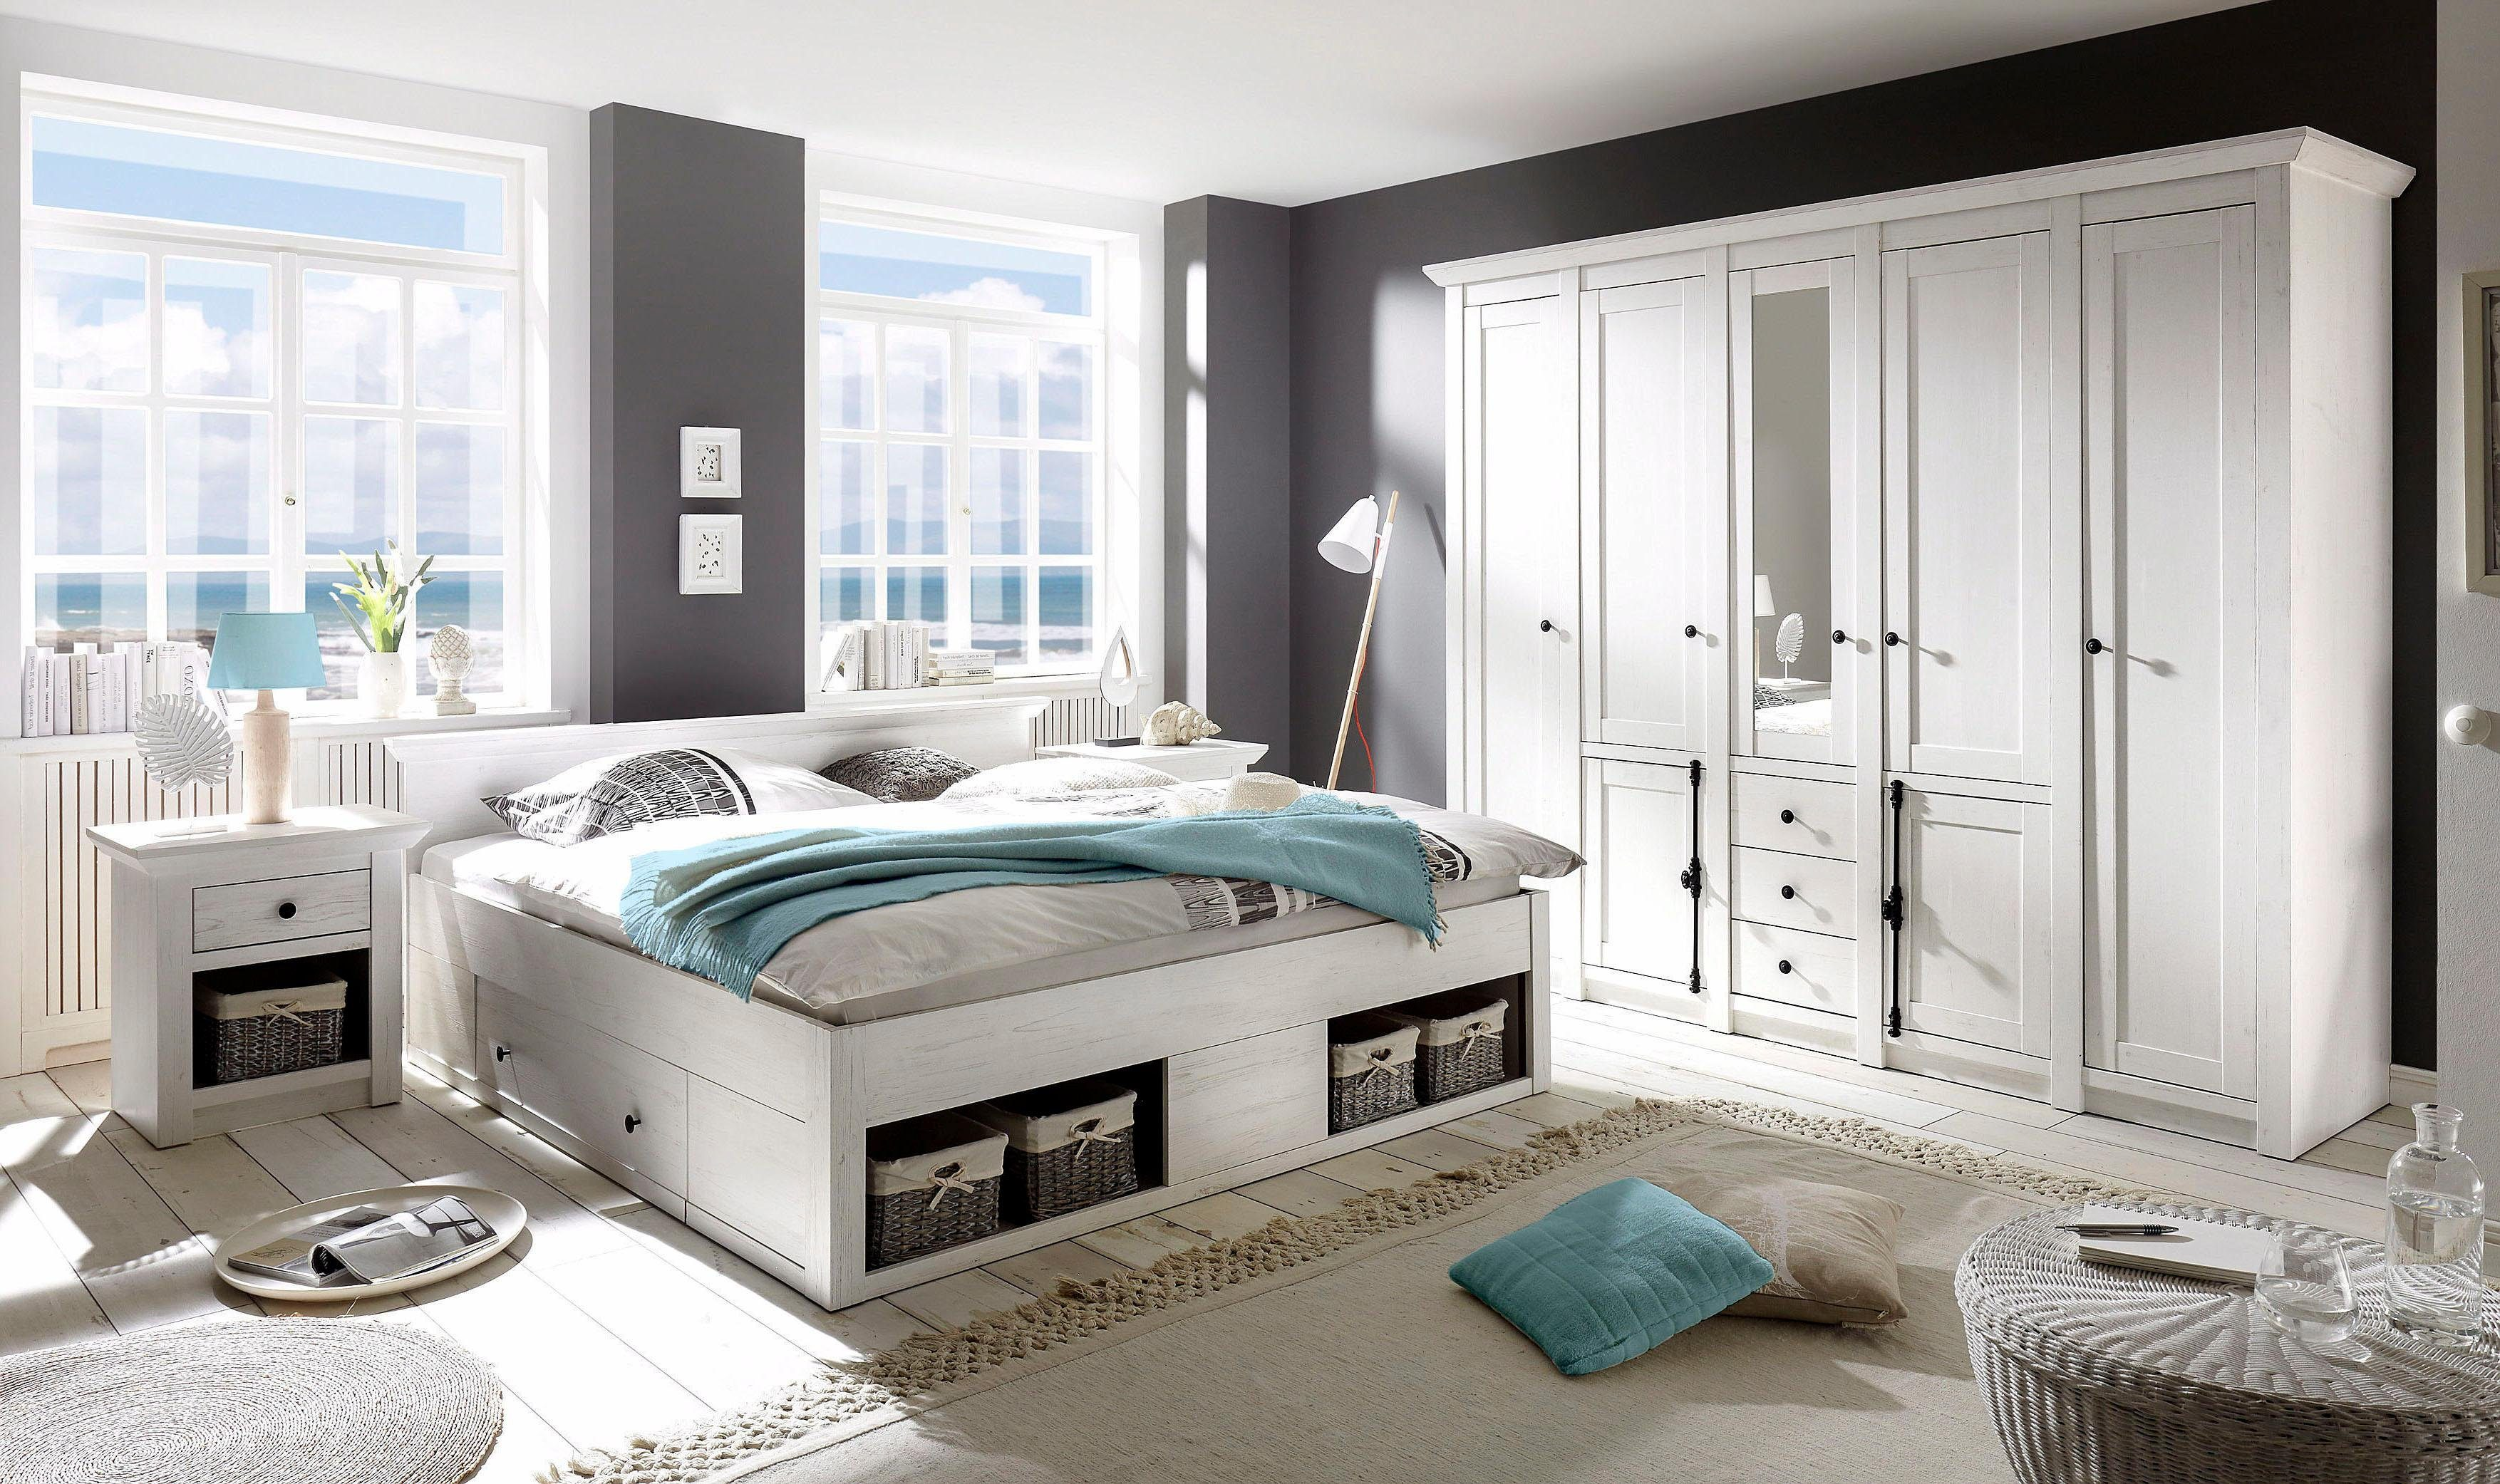 Complete Slaapkamer Boxspring : Complete slaapkamer online bestellen dat doe je in onze shop otto